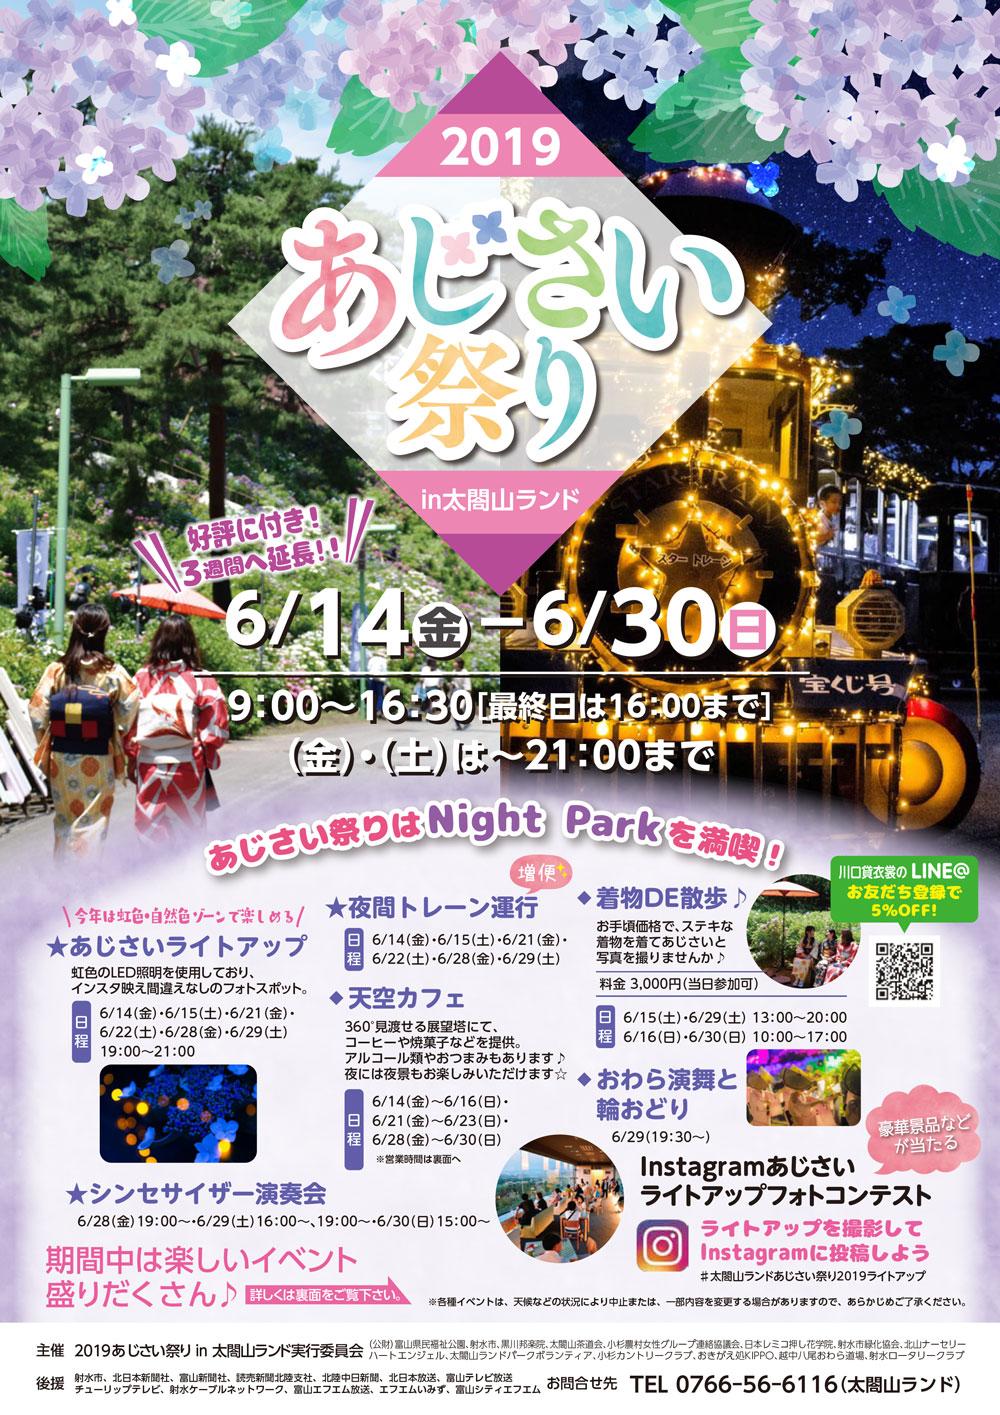 「あじさい祭りin太閤山ランド2019」のチラシ